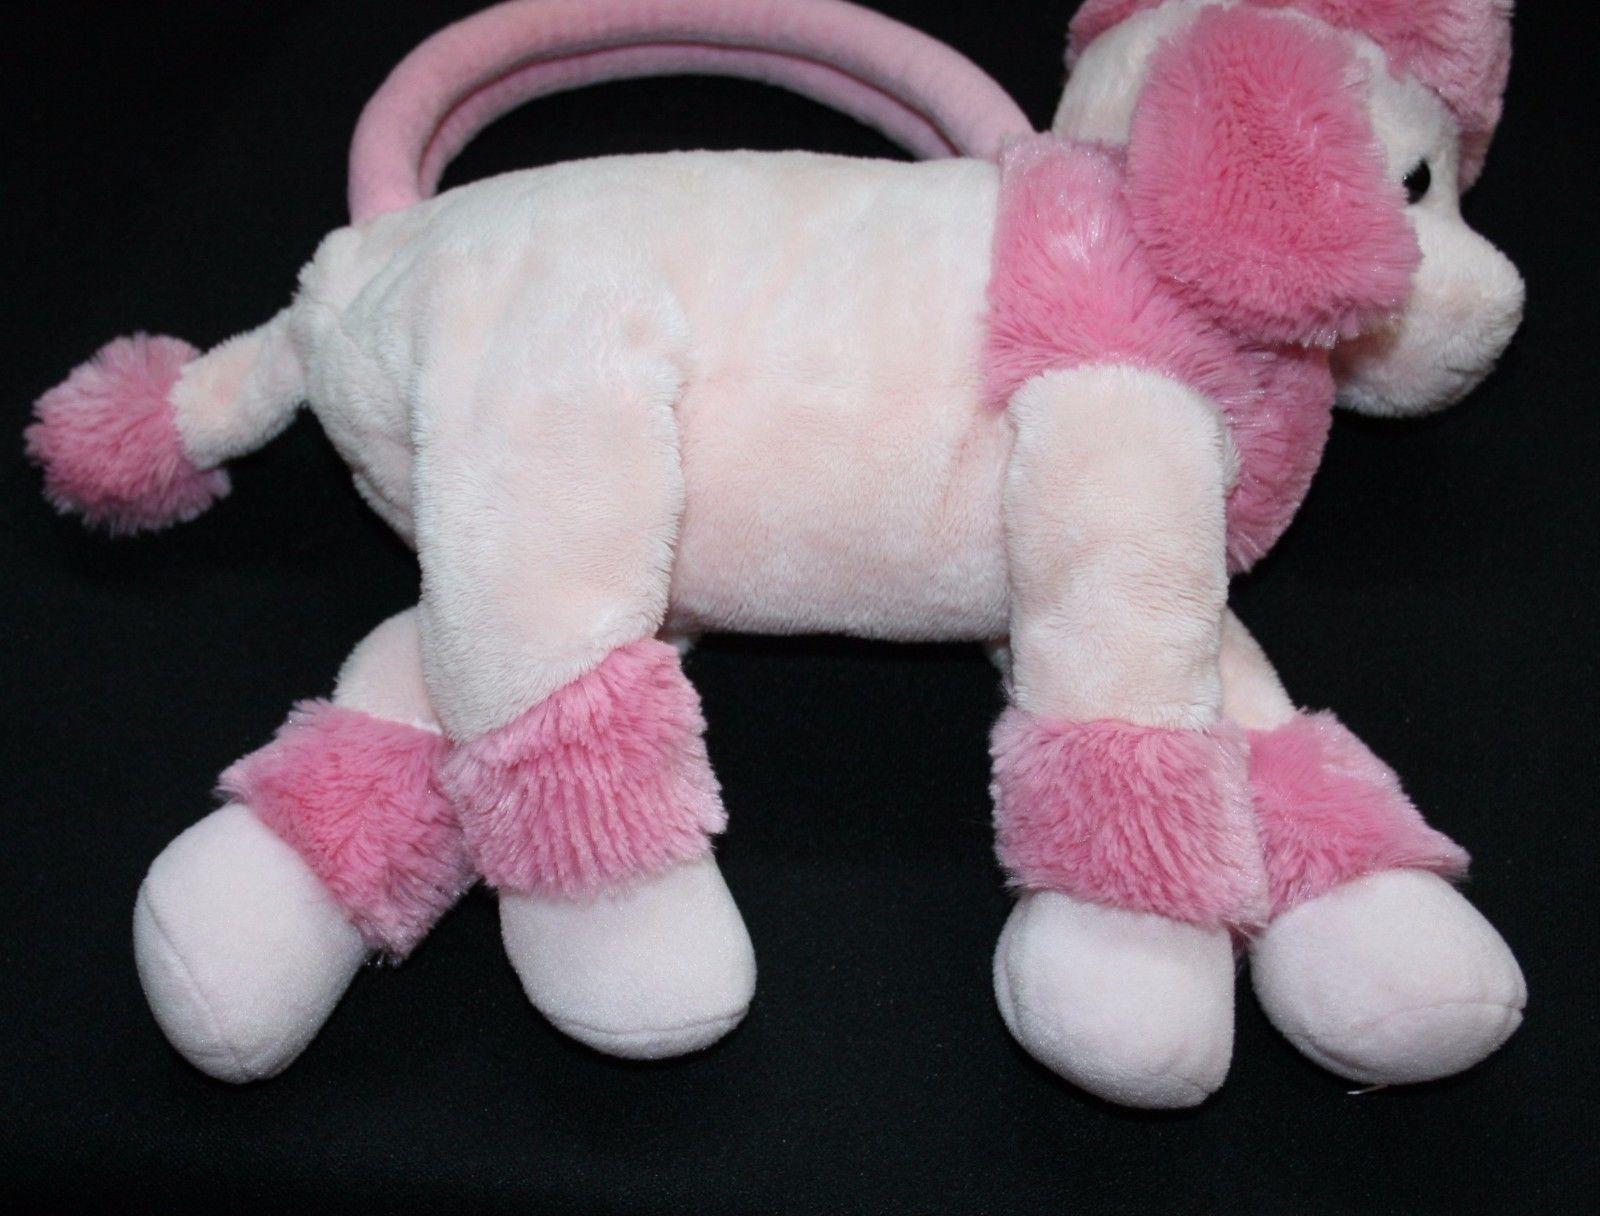 Pink Dog Toy : Girls pink poodle purse handbag plush russ stuffed animal